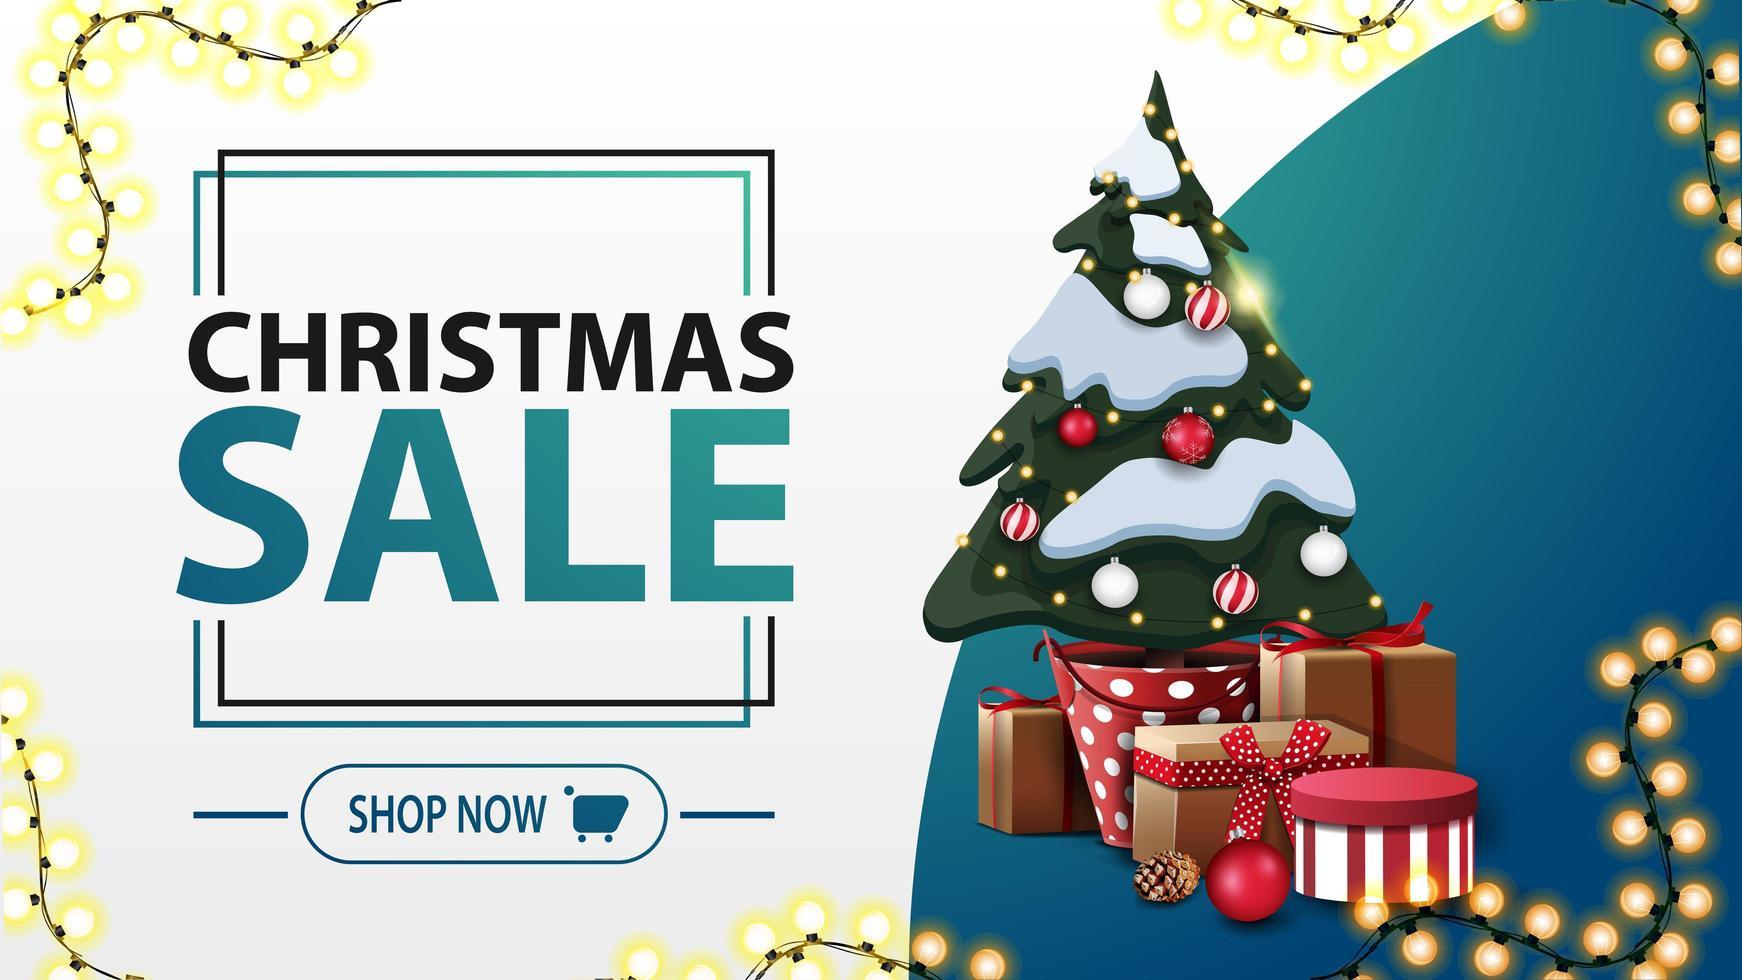 vente de noël, bannière de réduction blanche et bleue dans un style minimaliste avec guirlande et arbre de Noël dans un pot avec des cadeaux vecteur